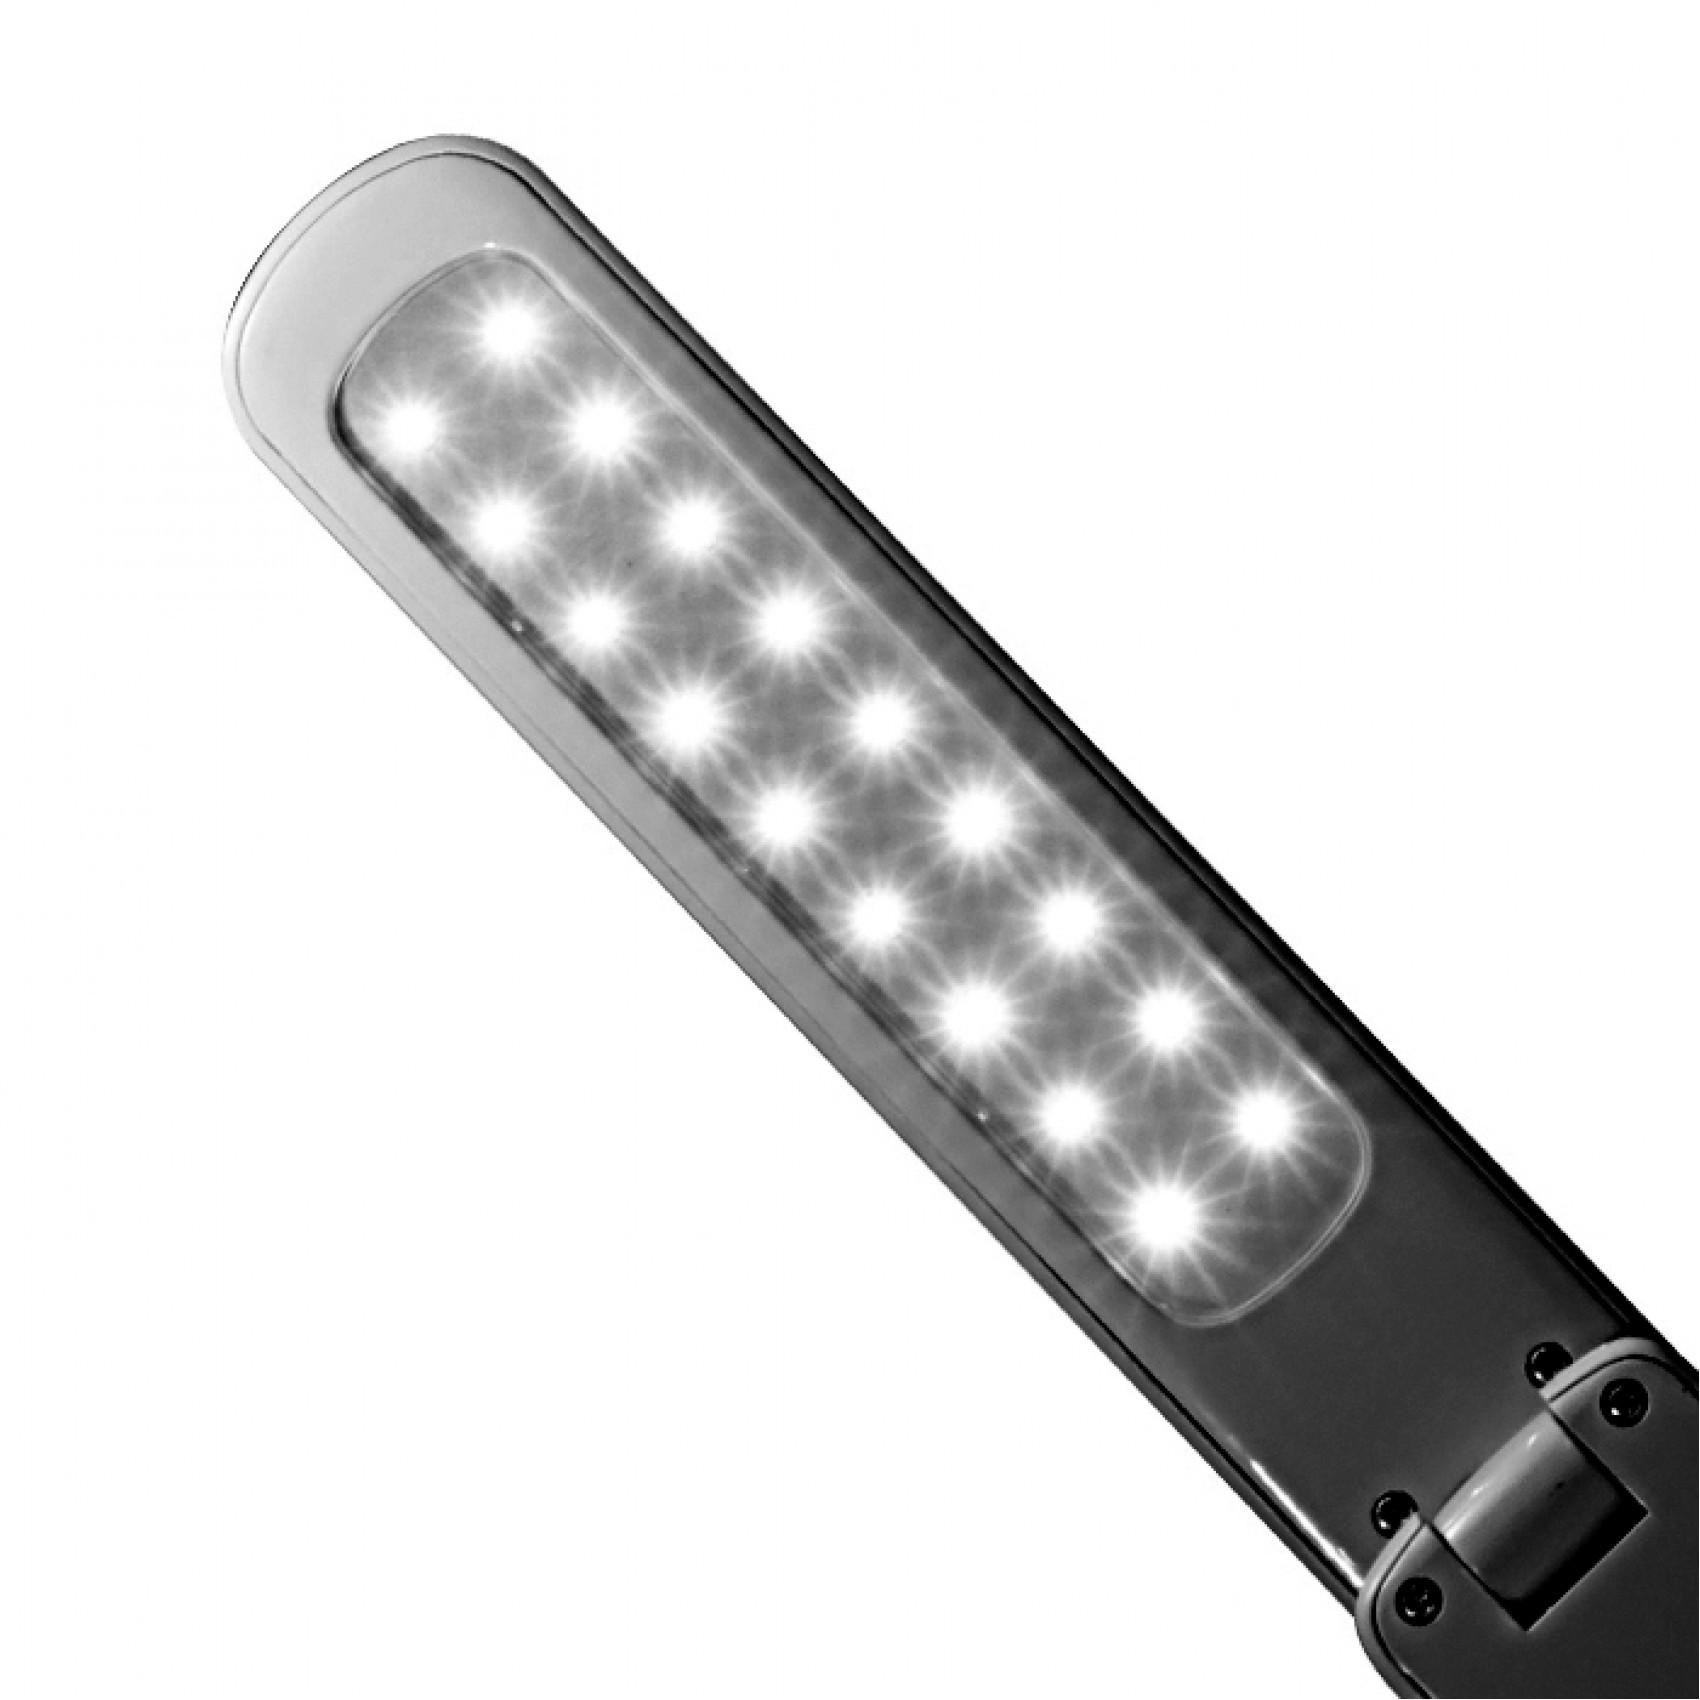 LED Desk Lamp Stable Light Source Strobe - Black